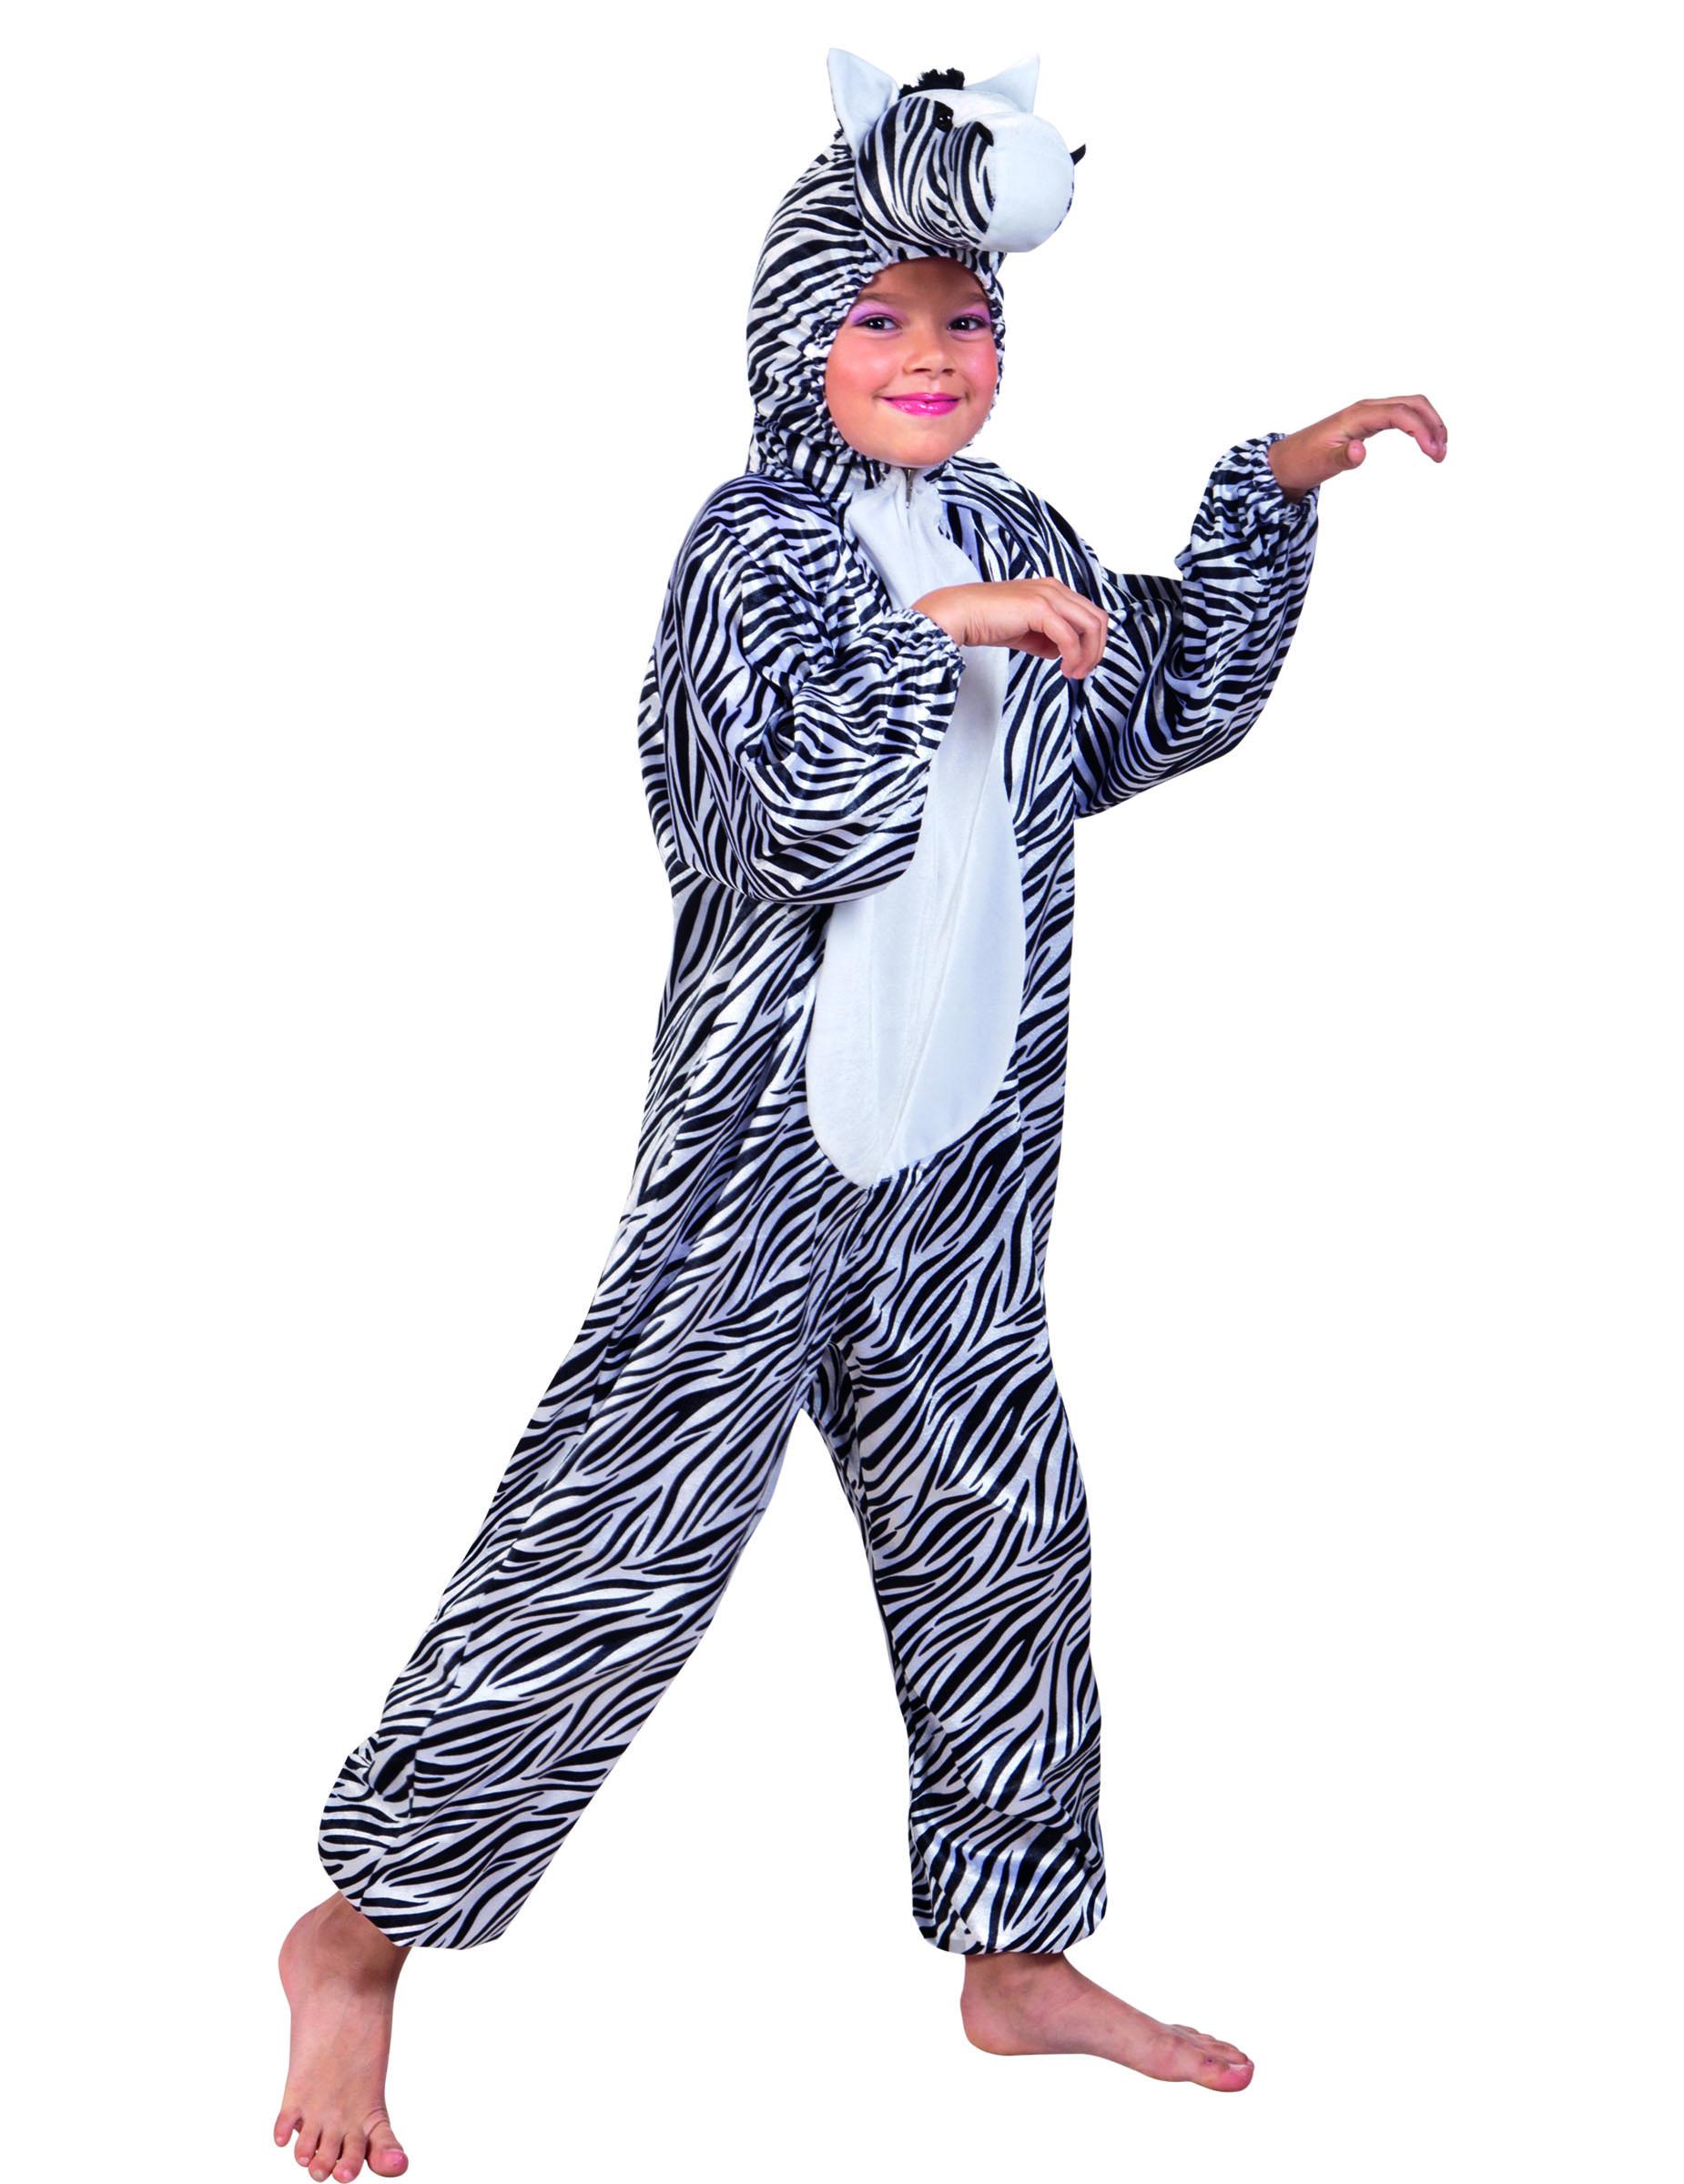 Kinderkostum Zebra Schwarz Weiss Gunstige Faschings Kostume Bei